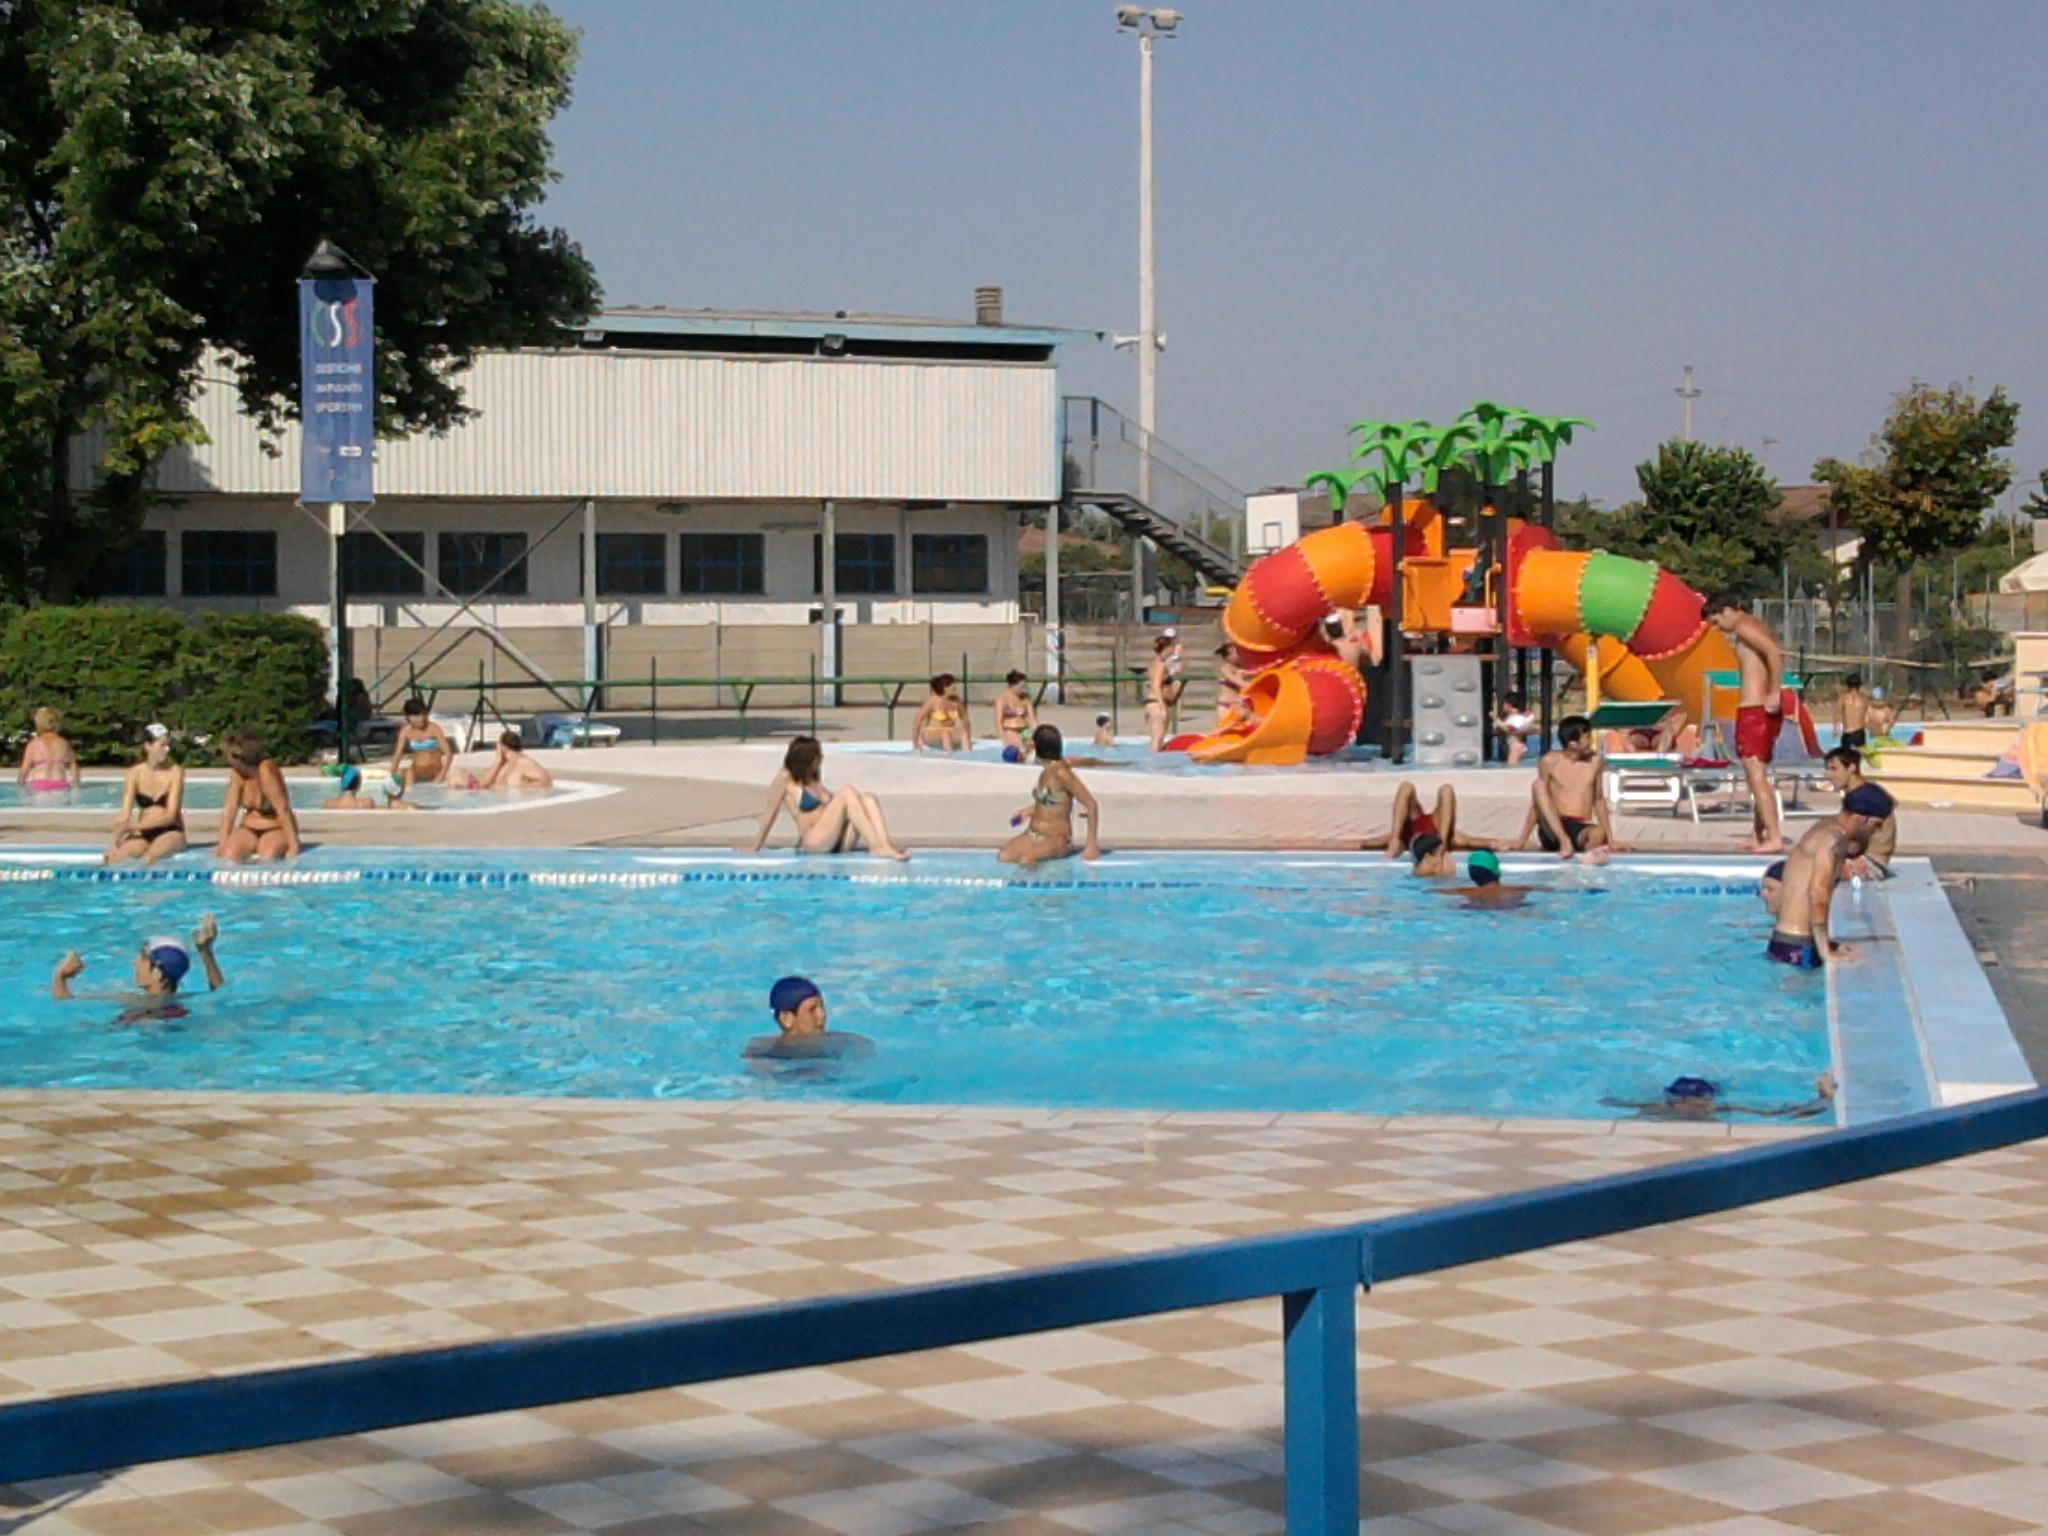 Nuovi lavori in piscina sapevicheapoggio - Immagini di piscina ...